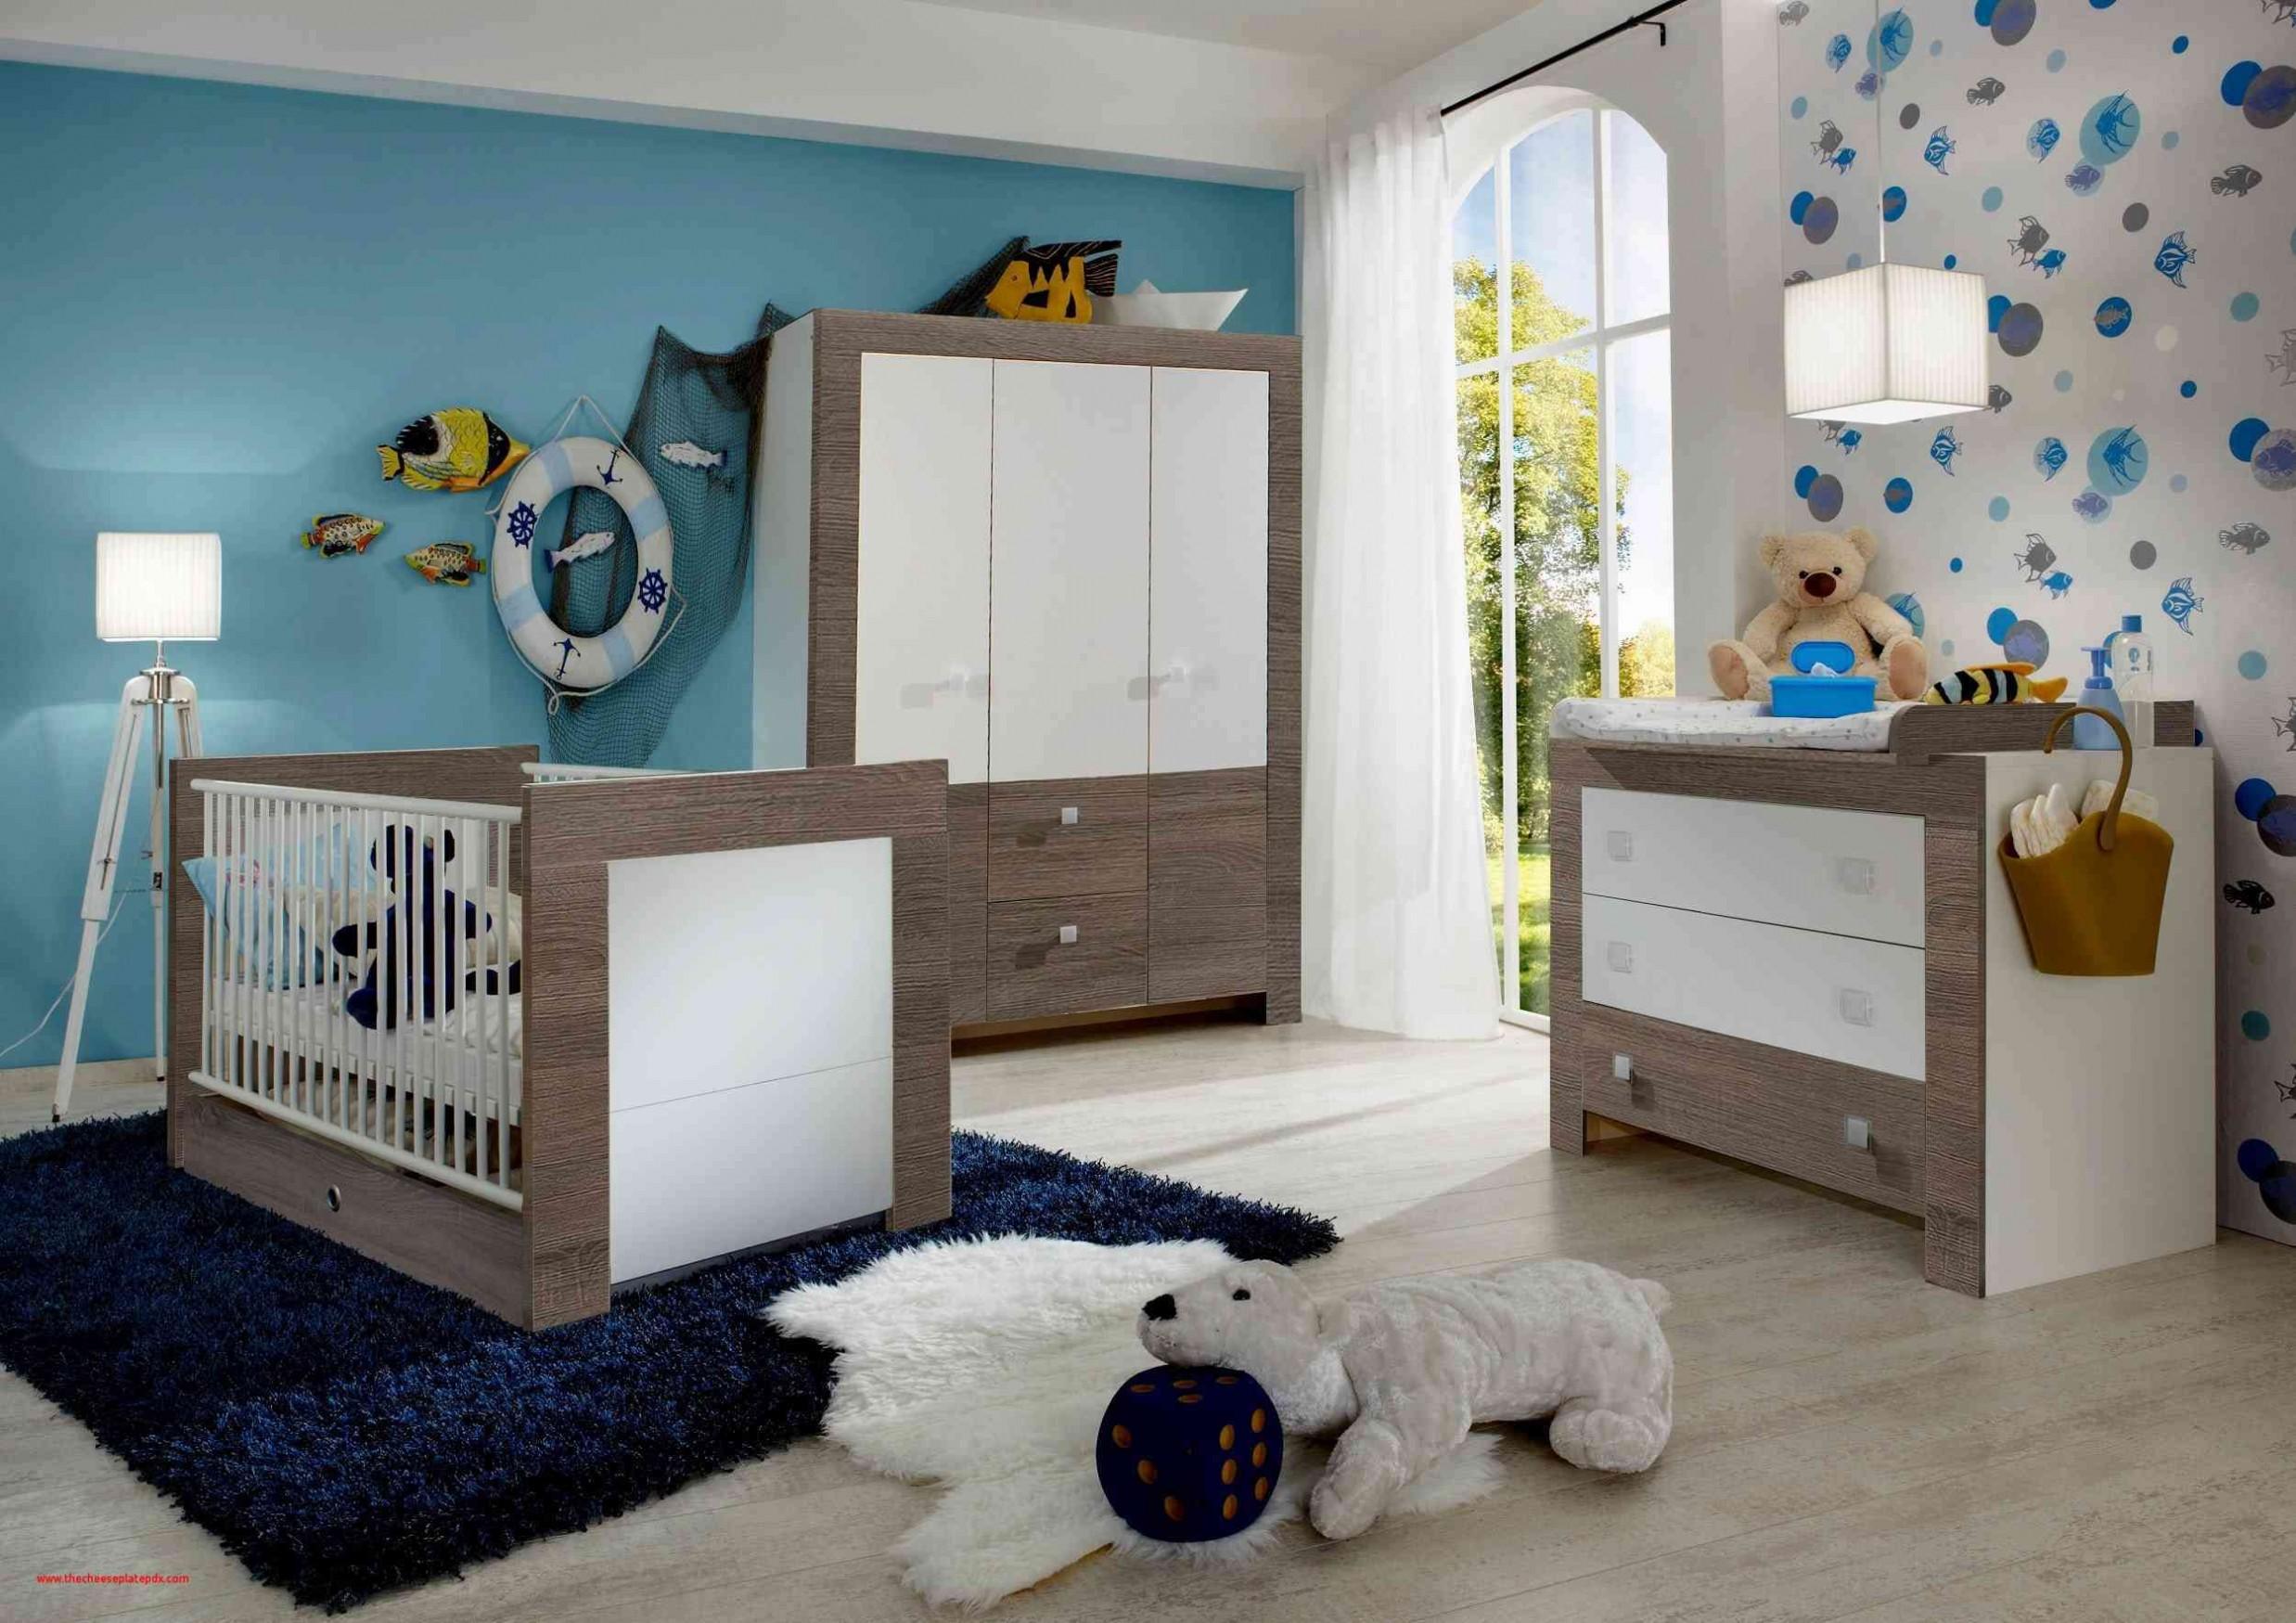 Full Size of Kinderzimmer Regal Sofa Günstige Fenster Küche Mit E Geräten Günstiges Schlafzimmer Weiß Bett Komplett Betten Regale 140x200 180x200 Kinderzimmer Günstige Kinderzimmer